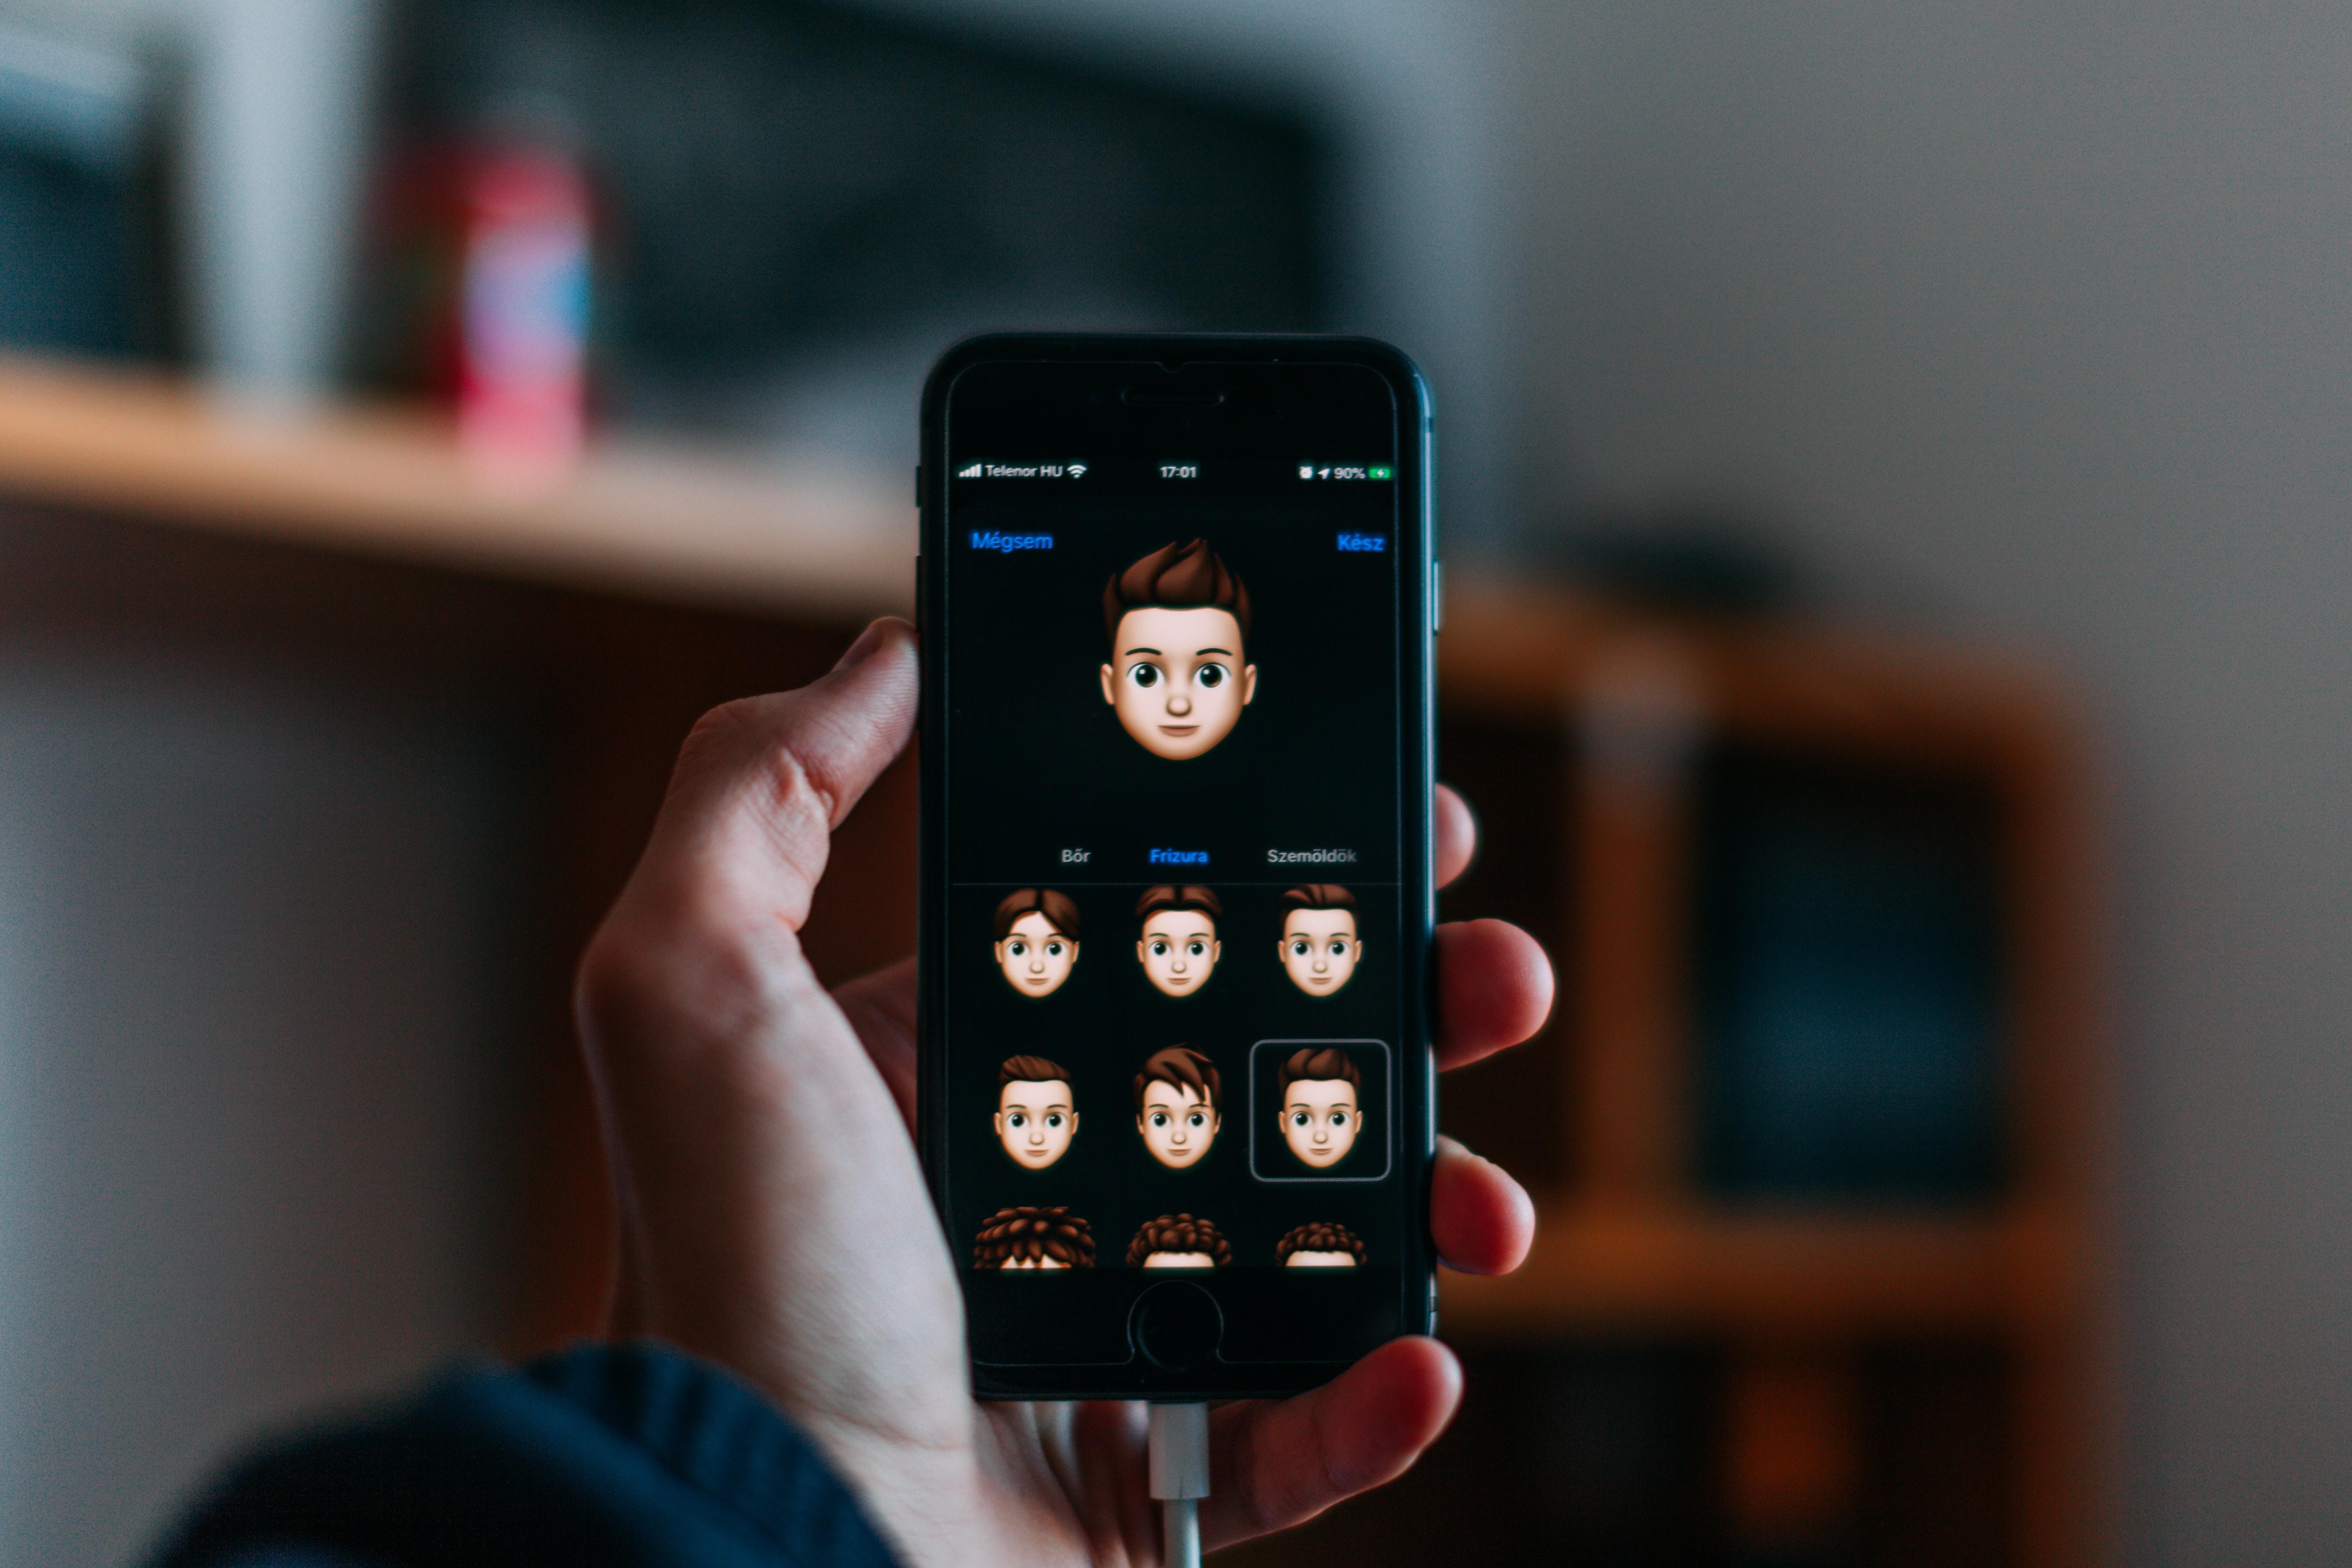 Déjà 50 % des iPhone sur iOS 13 : pourquoi il ne faut pas comparer avec Android